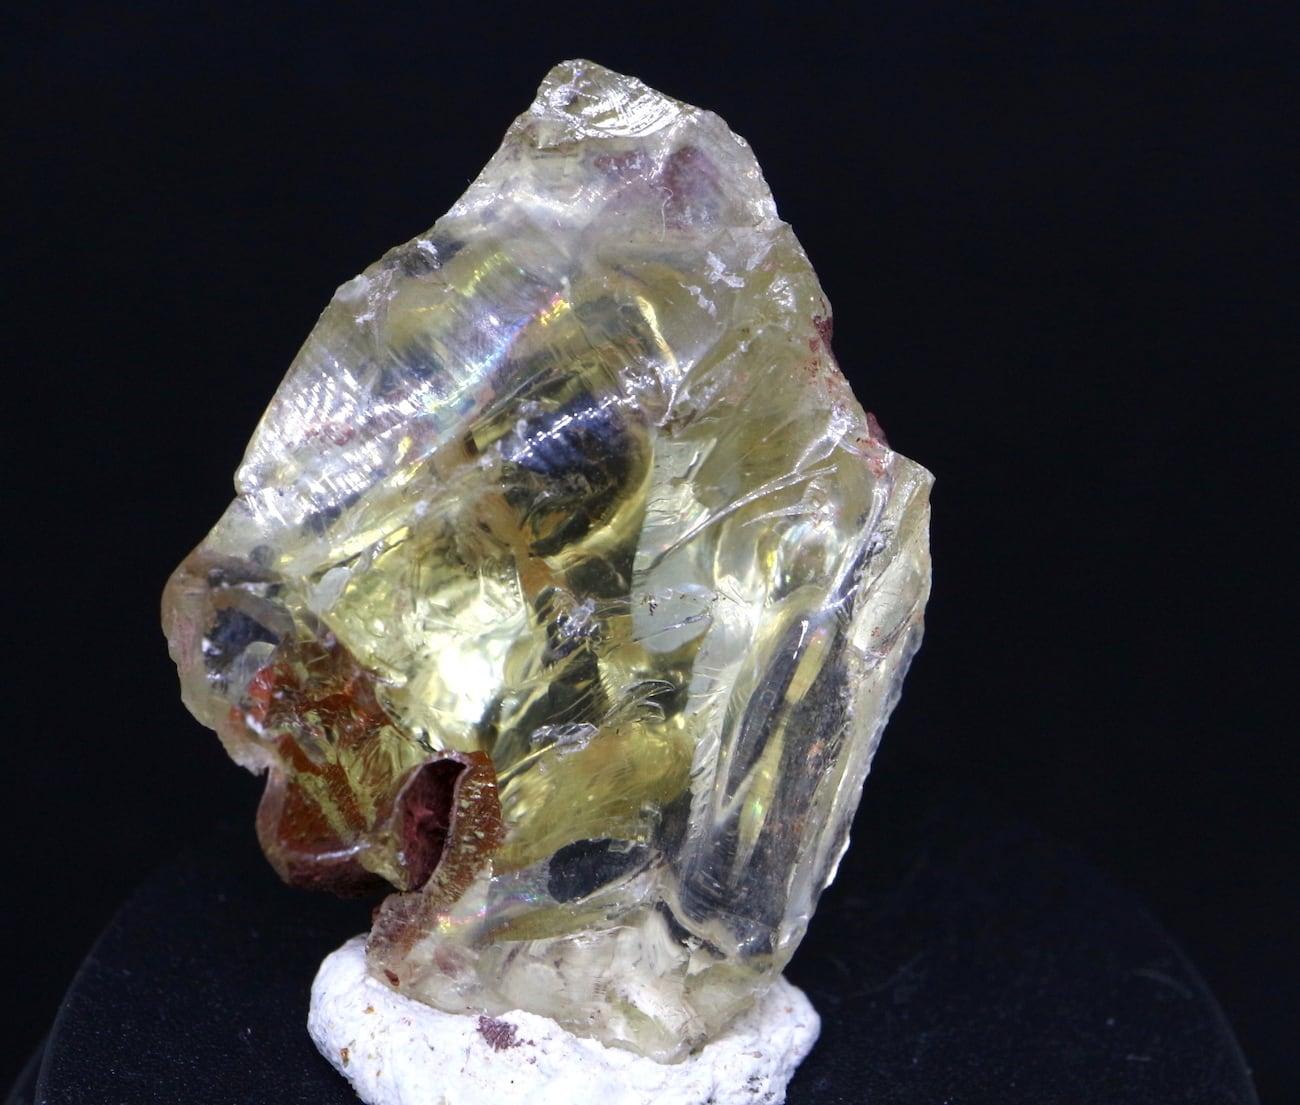 オレゴンサンストーン 7,9g SUN017  鉱物 天然石 原石